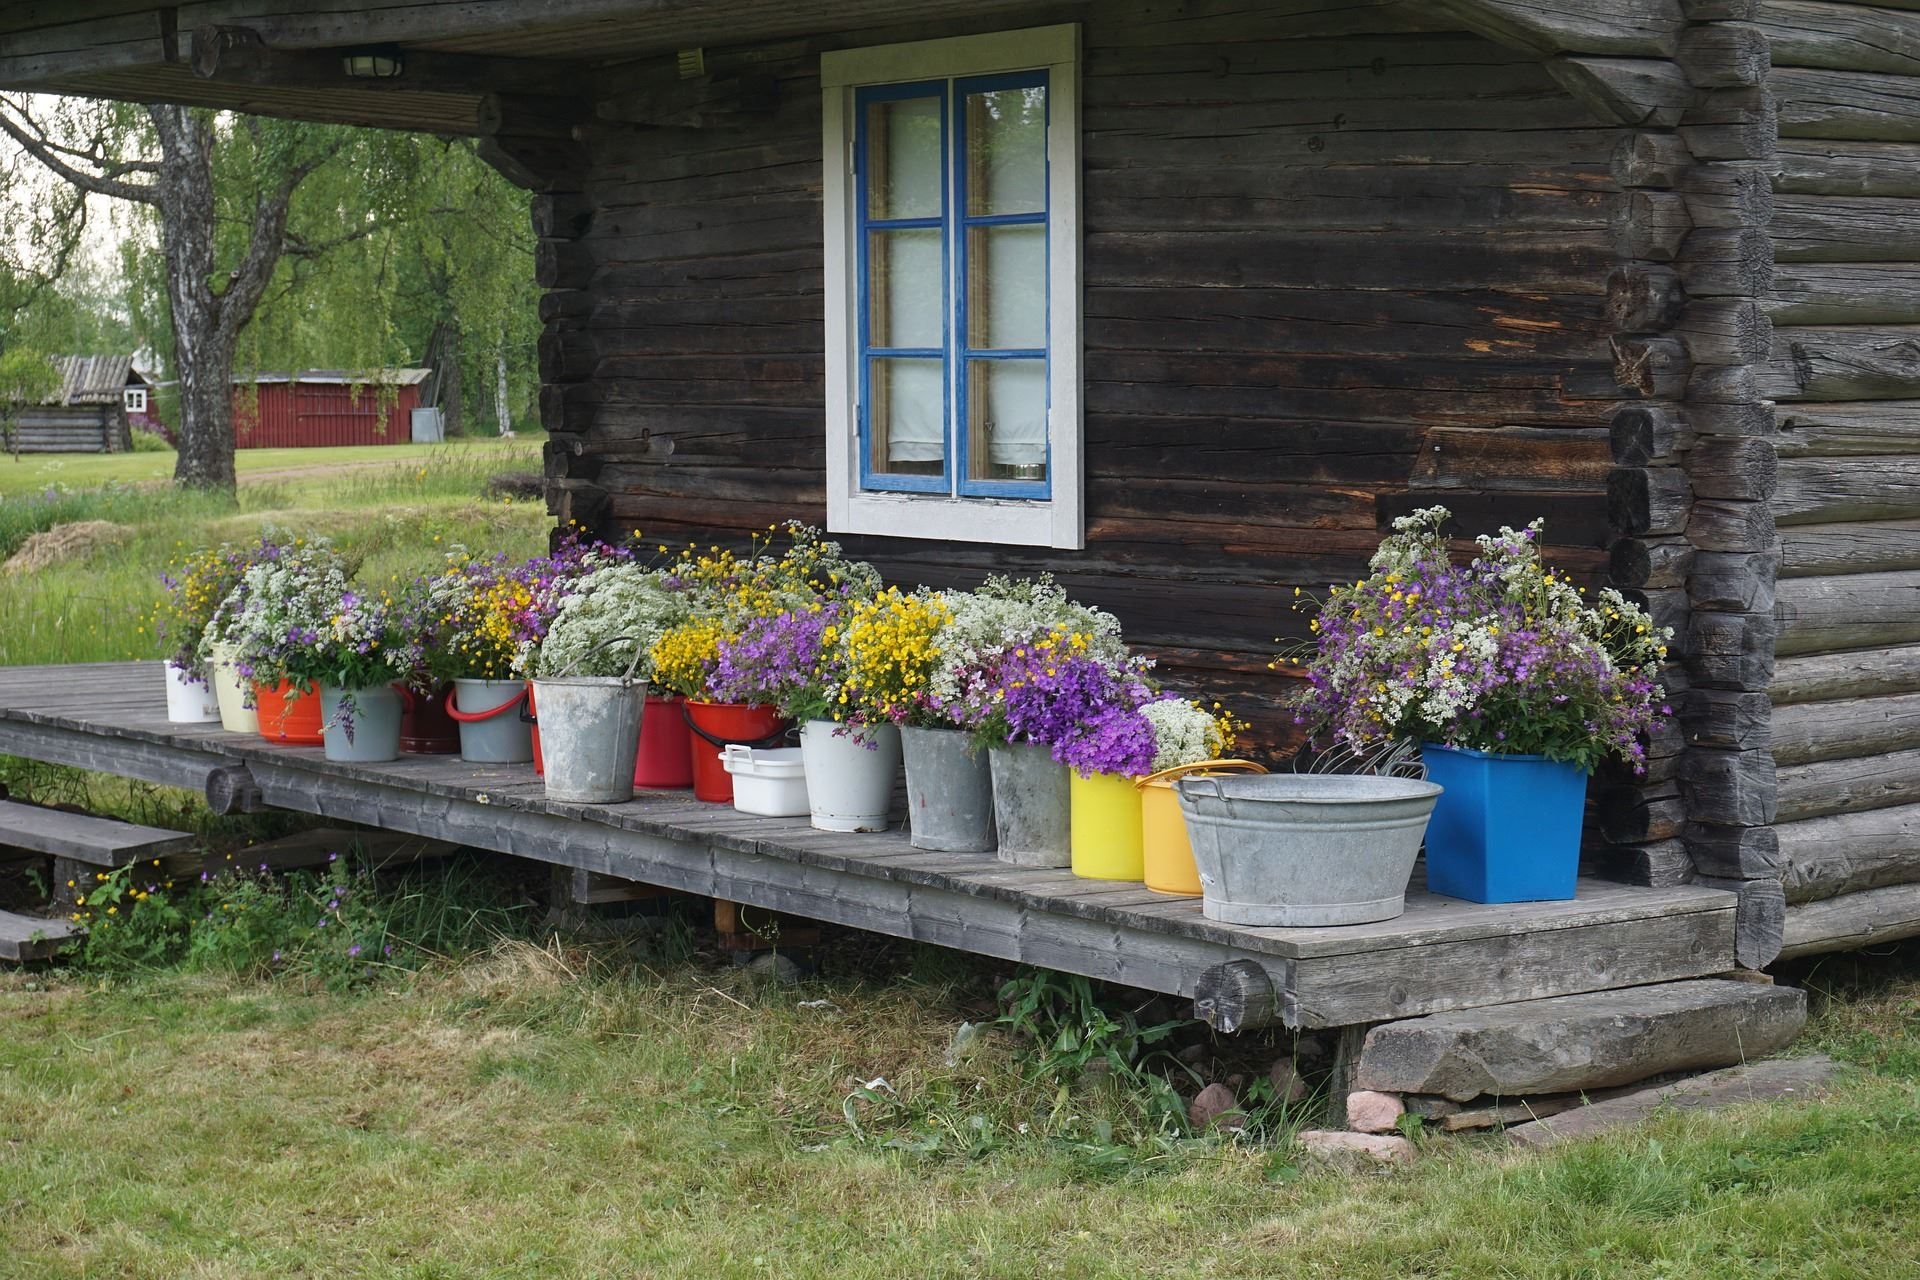 Midsommarfirande på Olnispagården - Sälens by